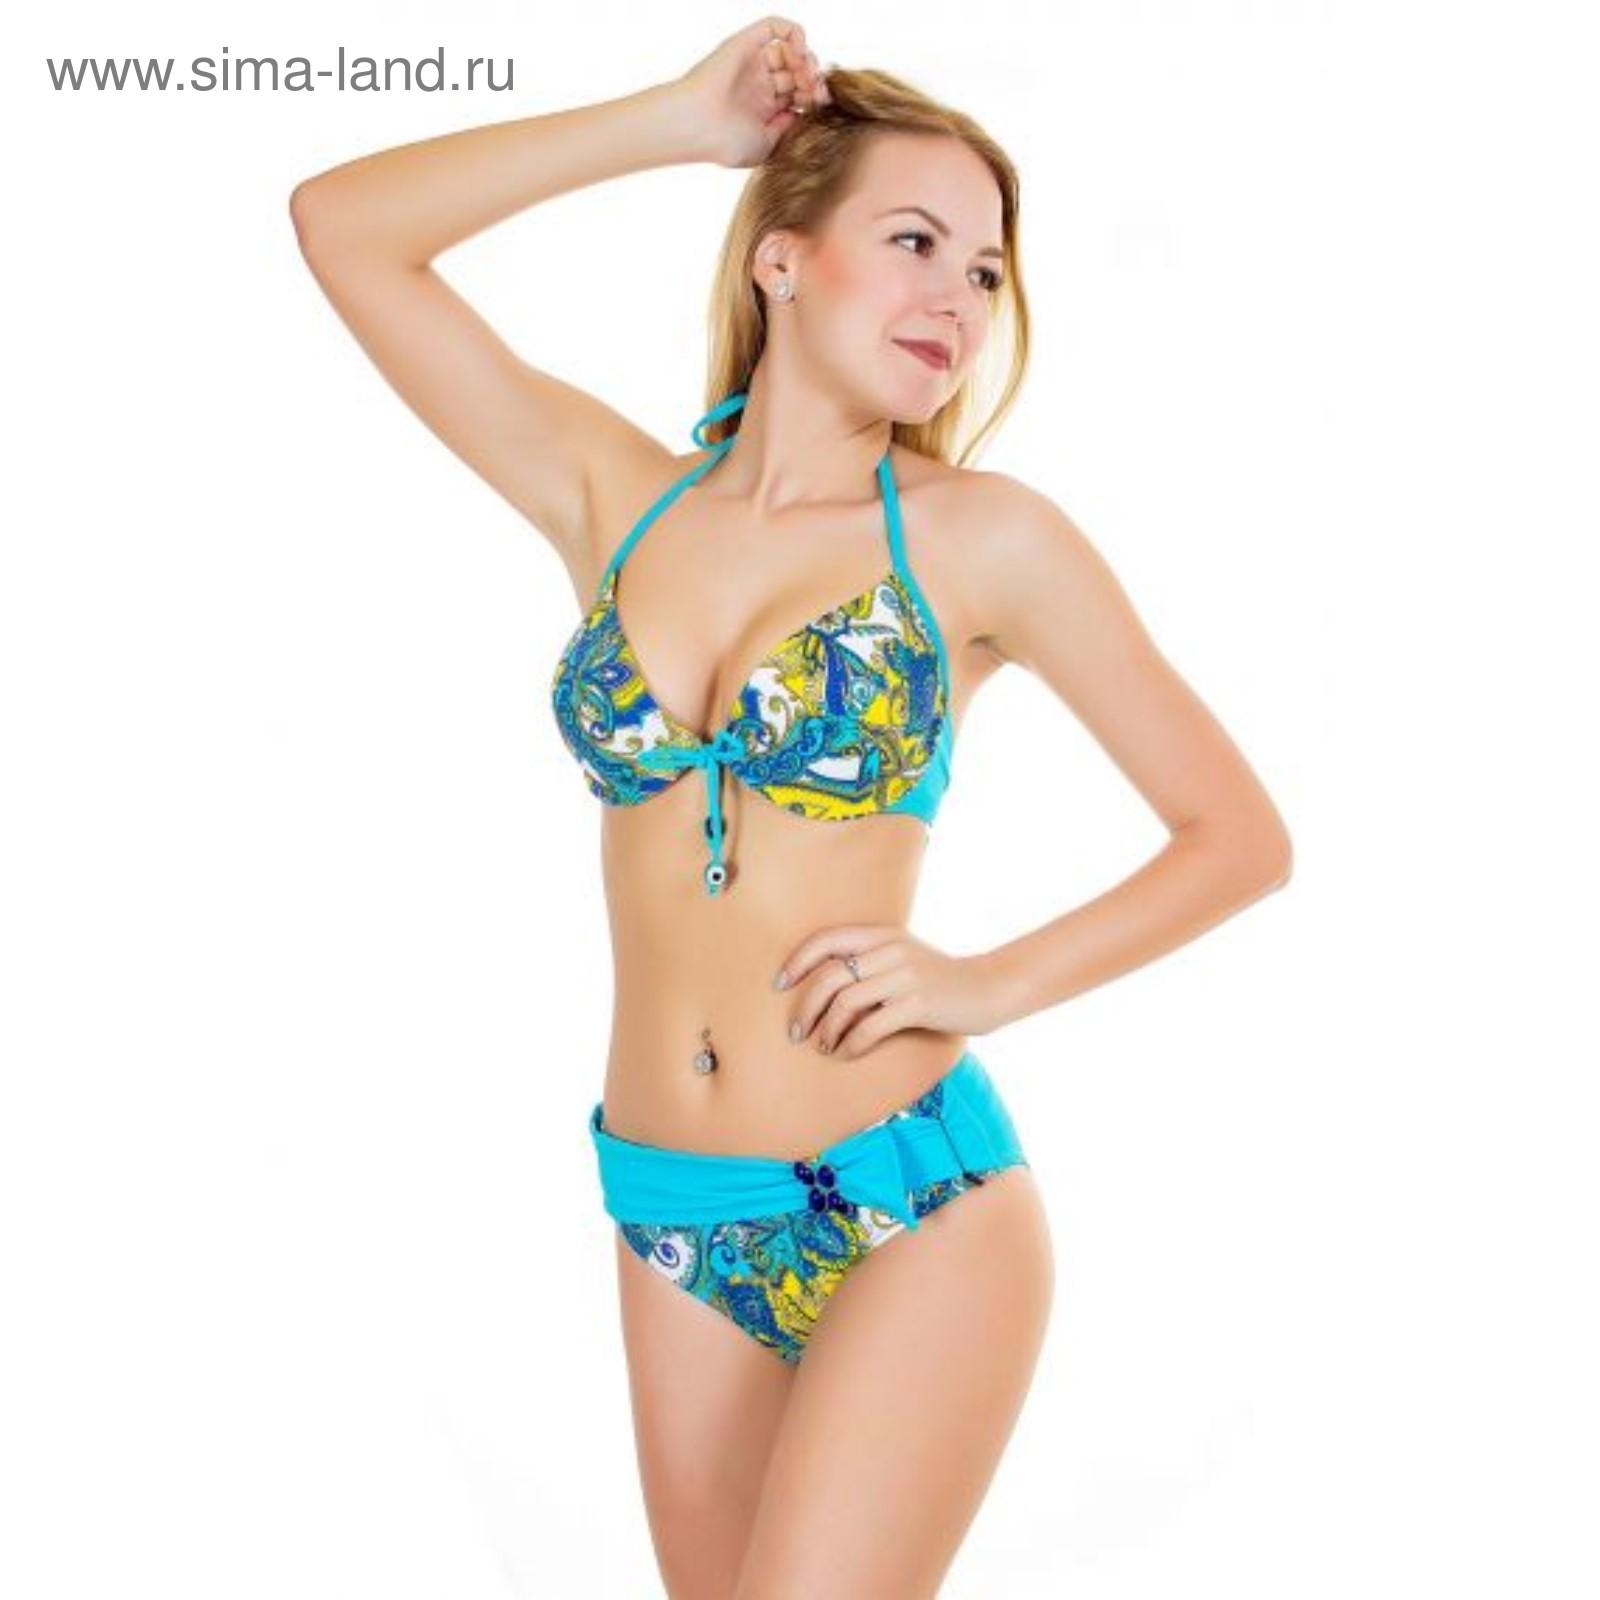 515145c908b54 Купальник женский раздельный 11077 цвет голубой, р-р 46-48 (L ...